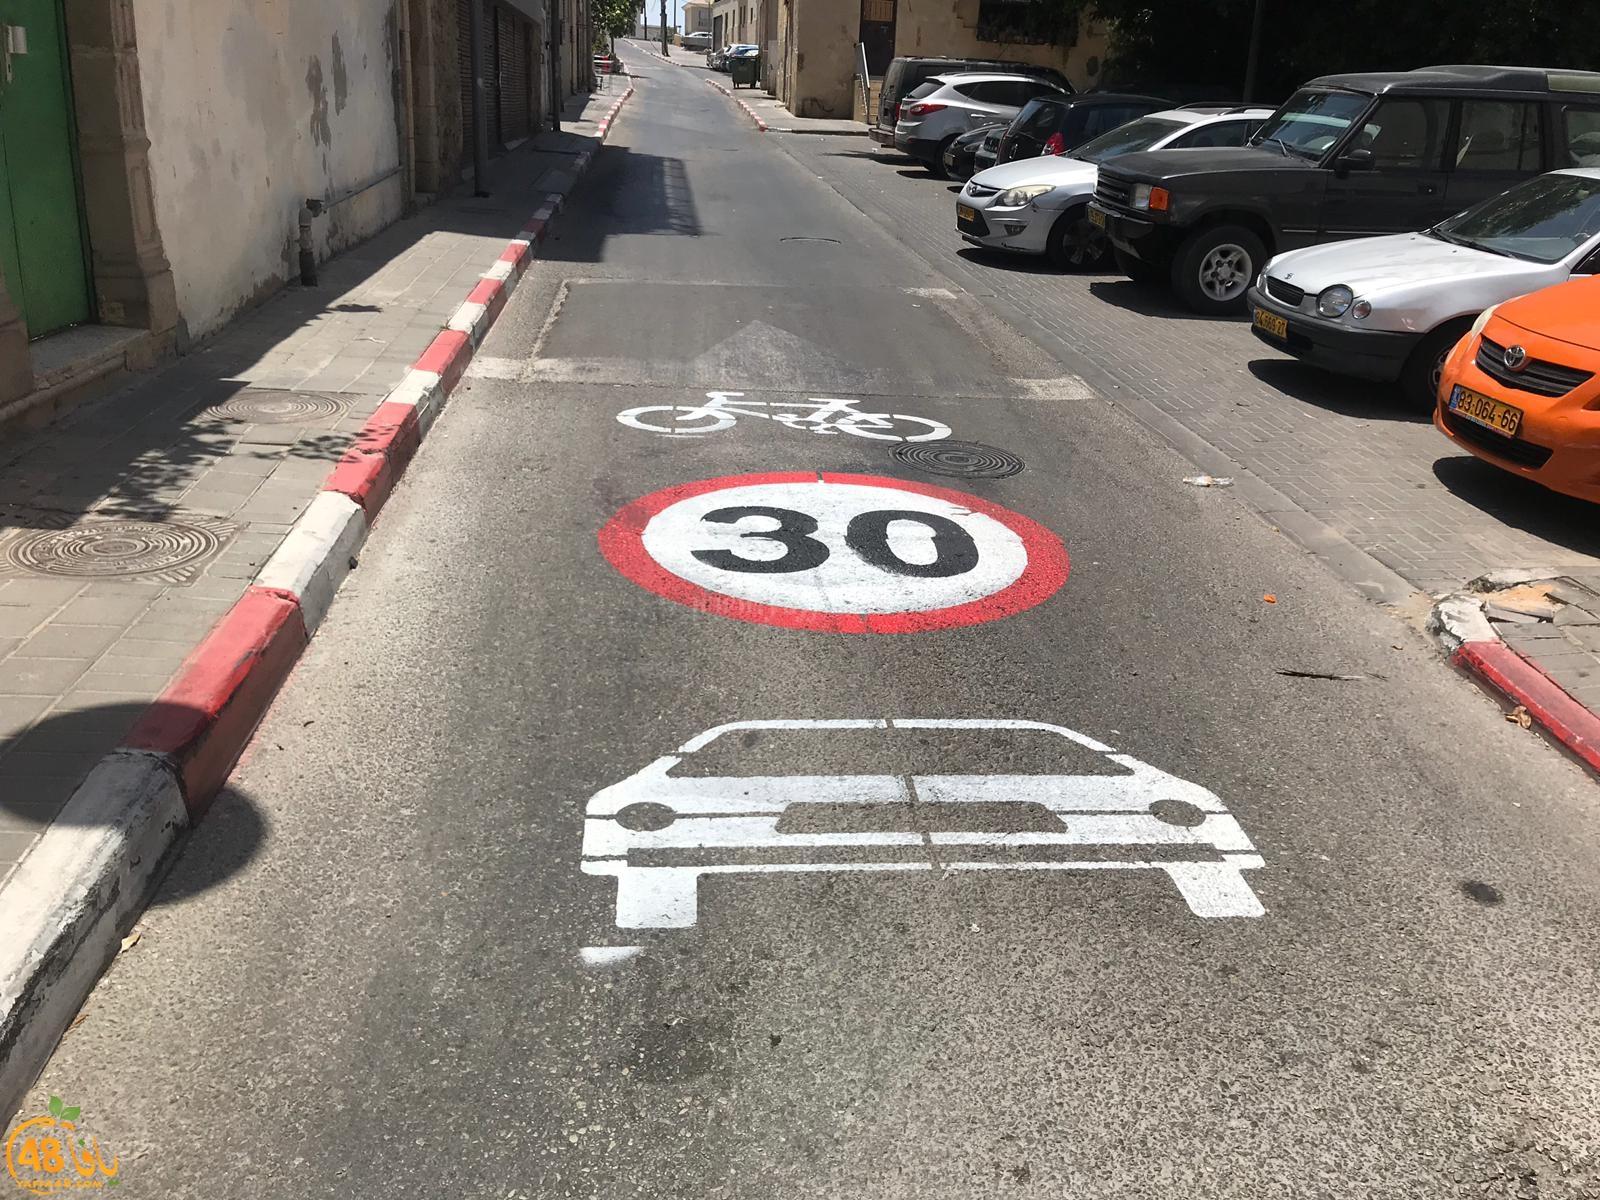 للحد من حوادث الدراجات - رسومات لتحديد السرعات المسموح بها داخل الأحياء بيافا